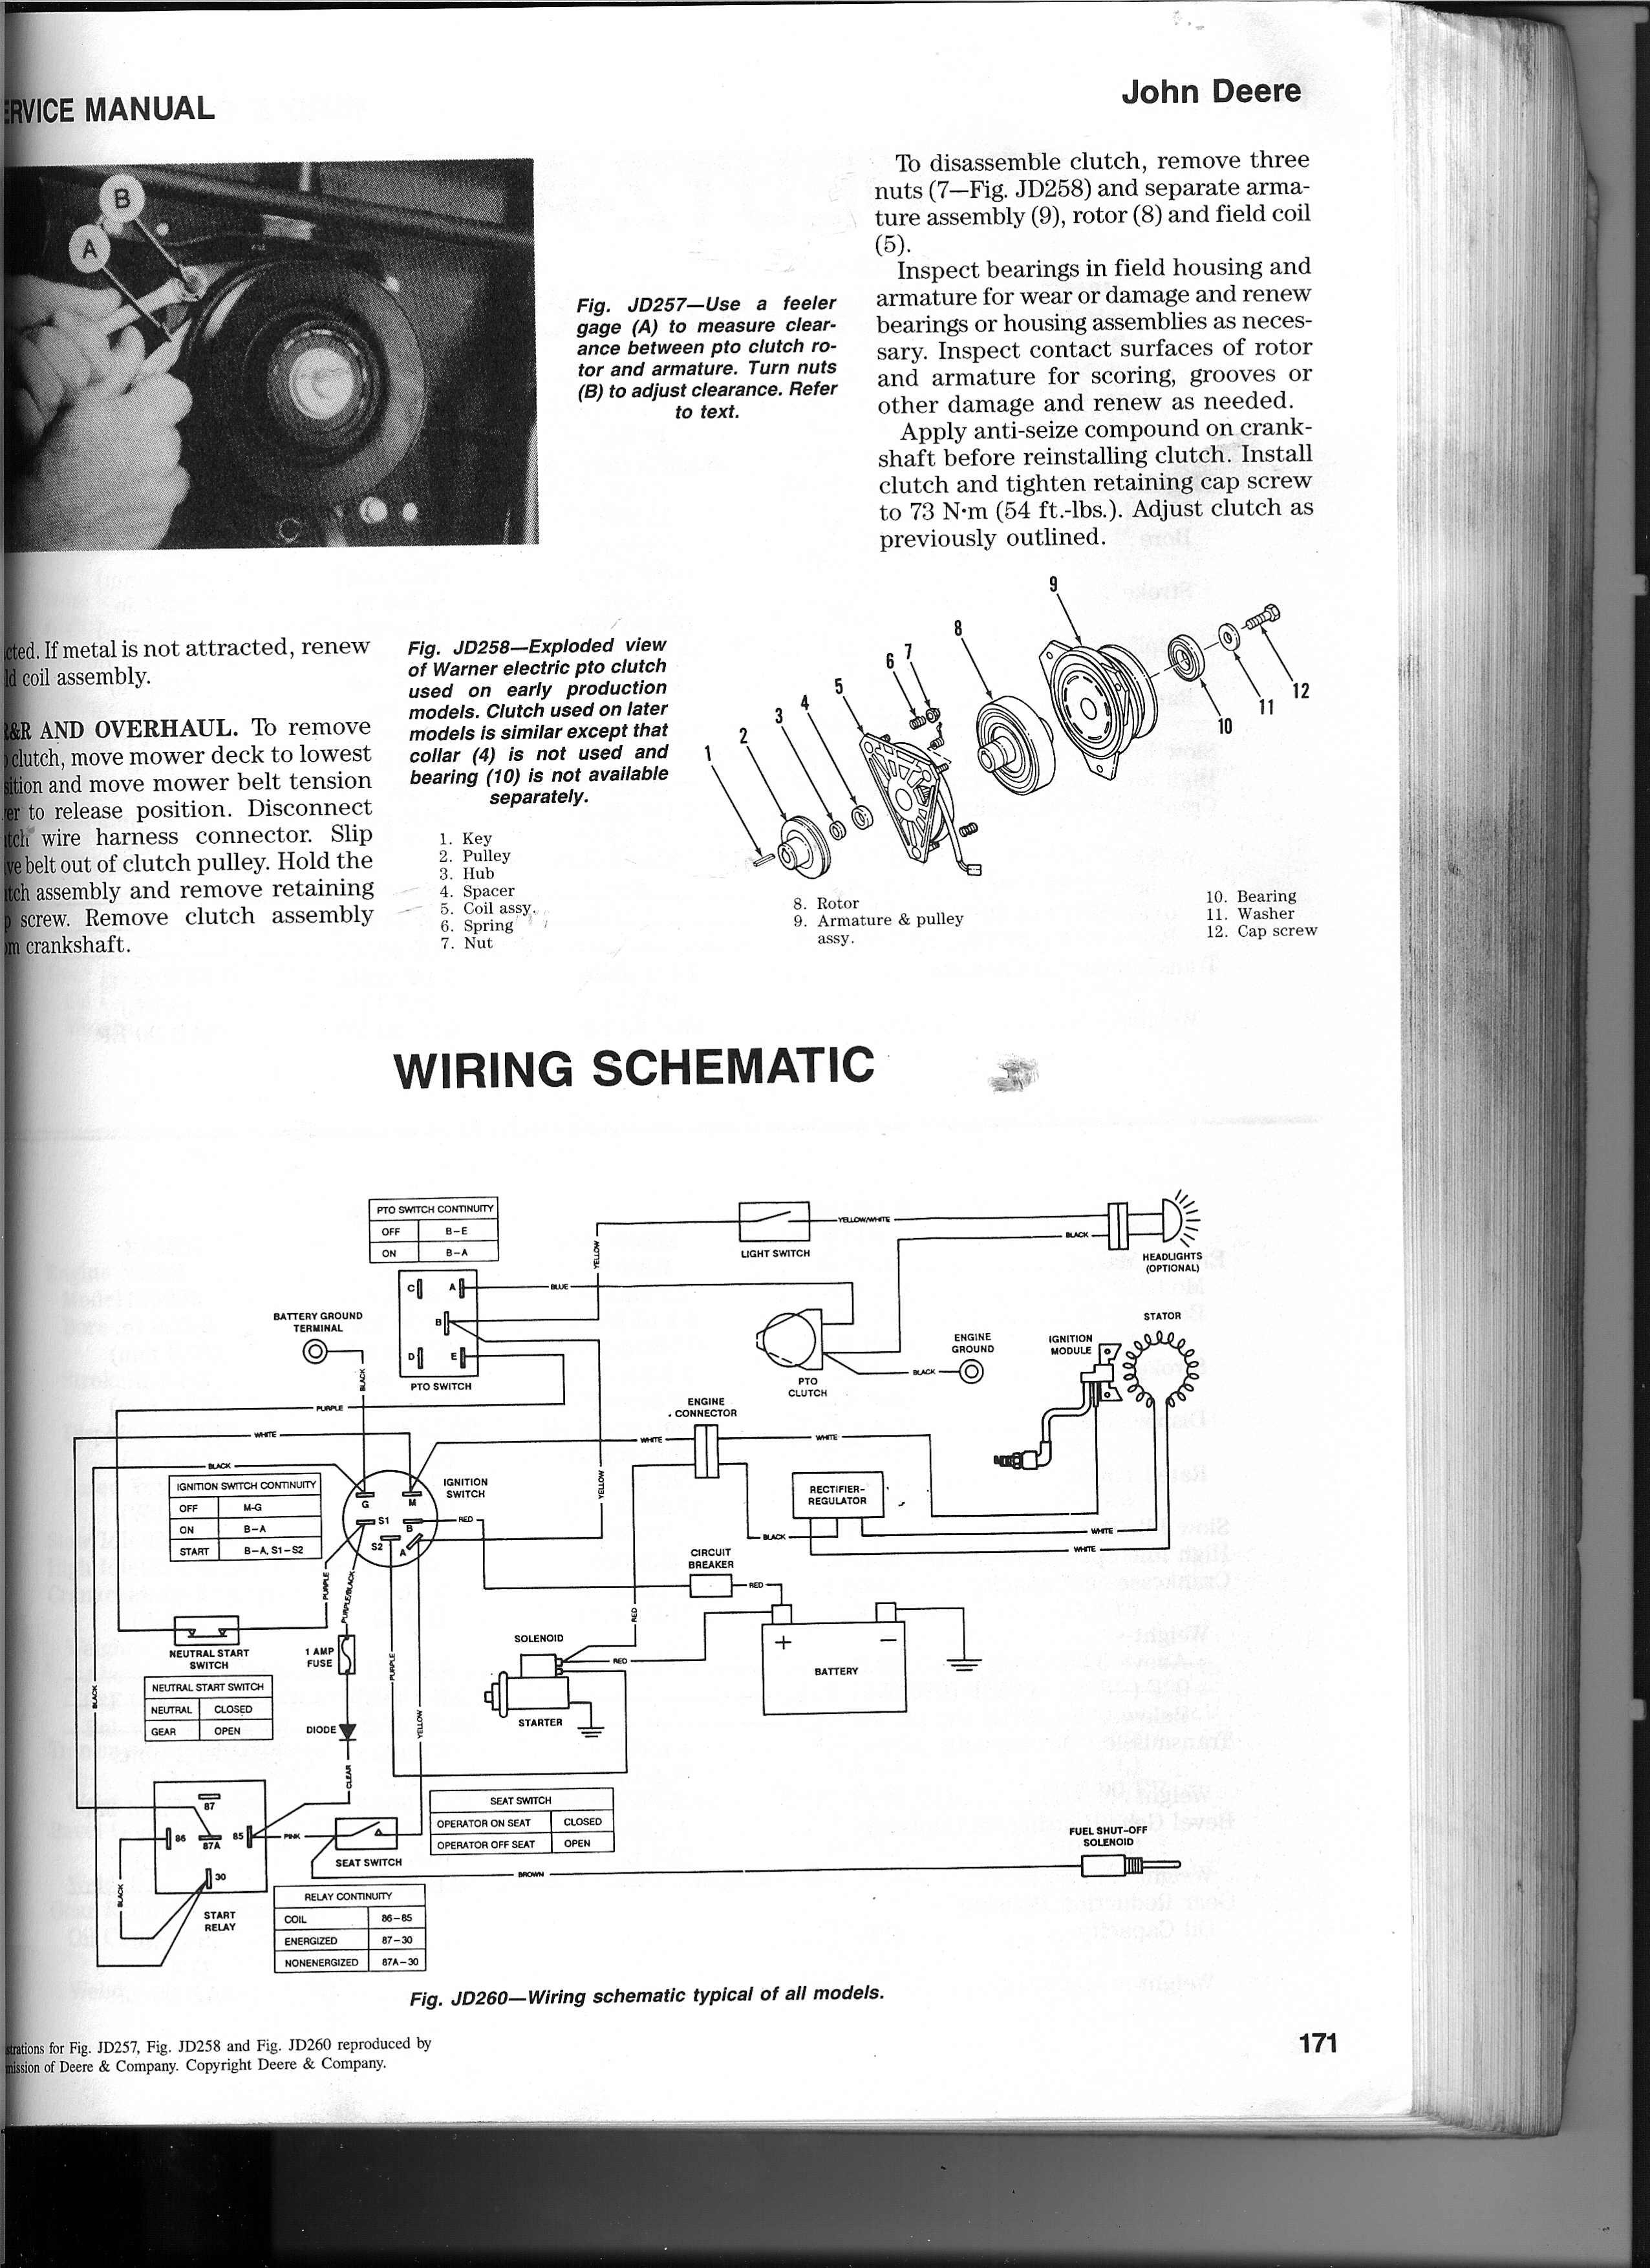 stx 38 wiring diagram engine wire diagram deere stx38 #3